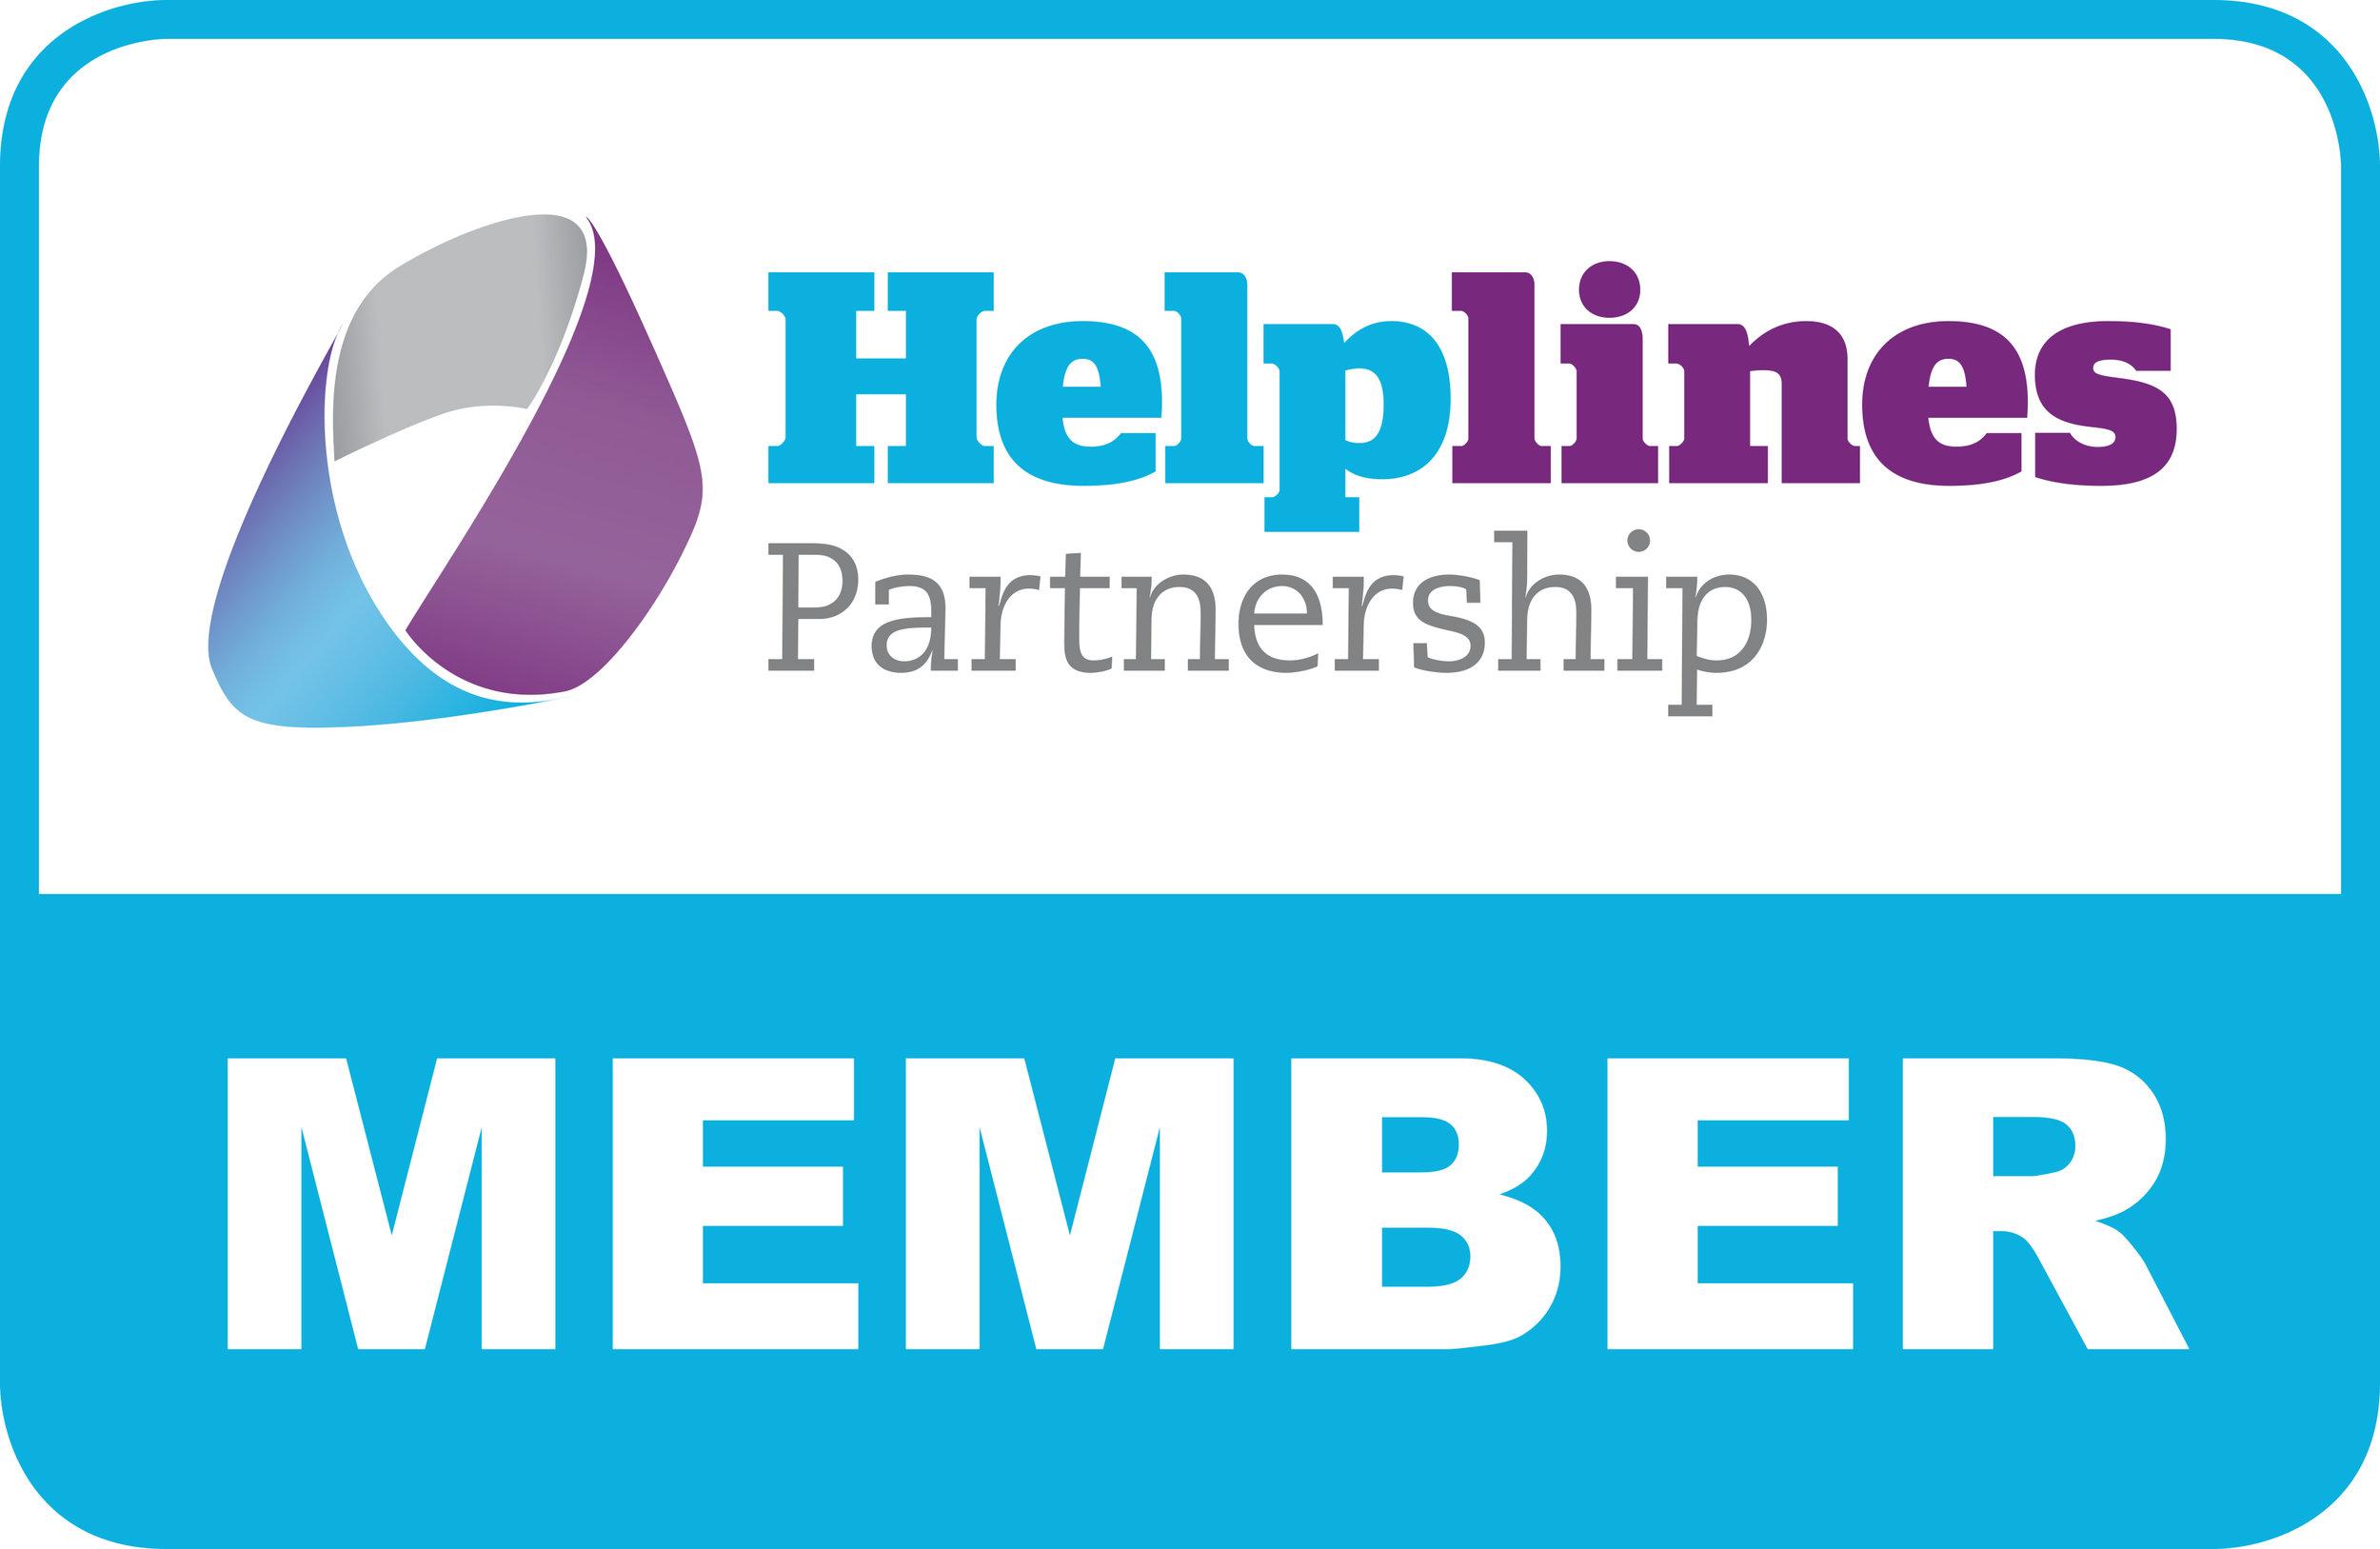 hlp-member-rgb.jpg